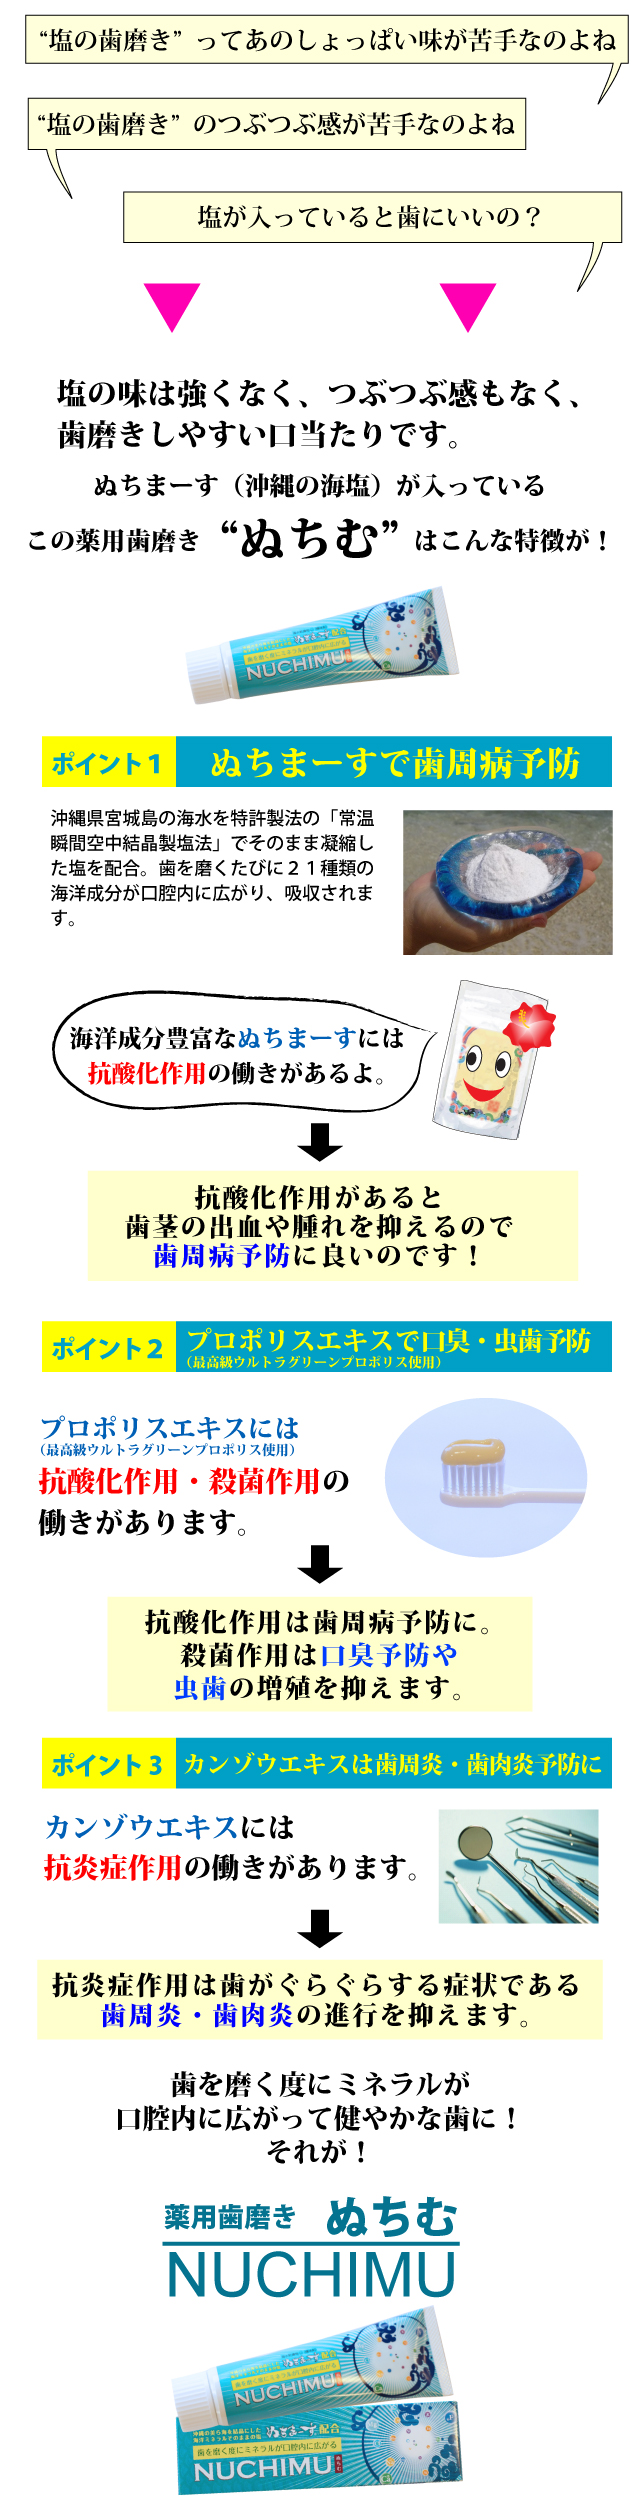 歯を磨くたびにミネラルが口腔内に広がるぬちまーすが入った薬用歯磨きぬちむ商品内容